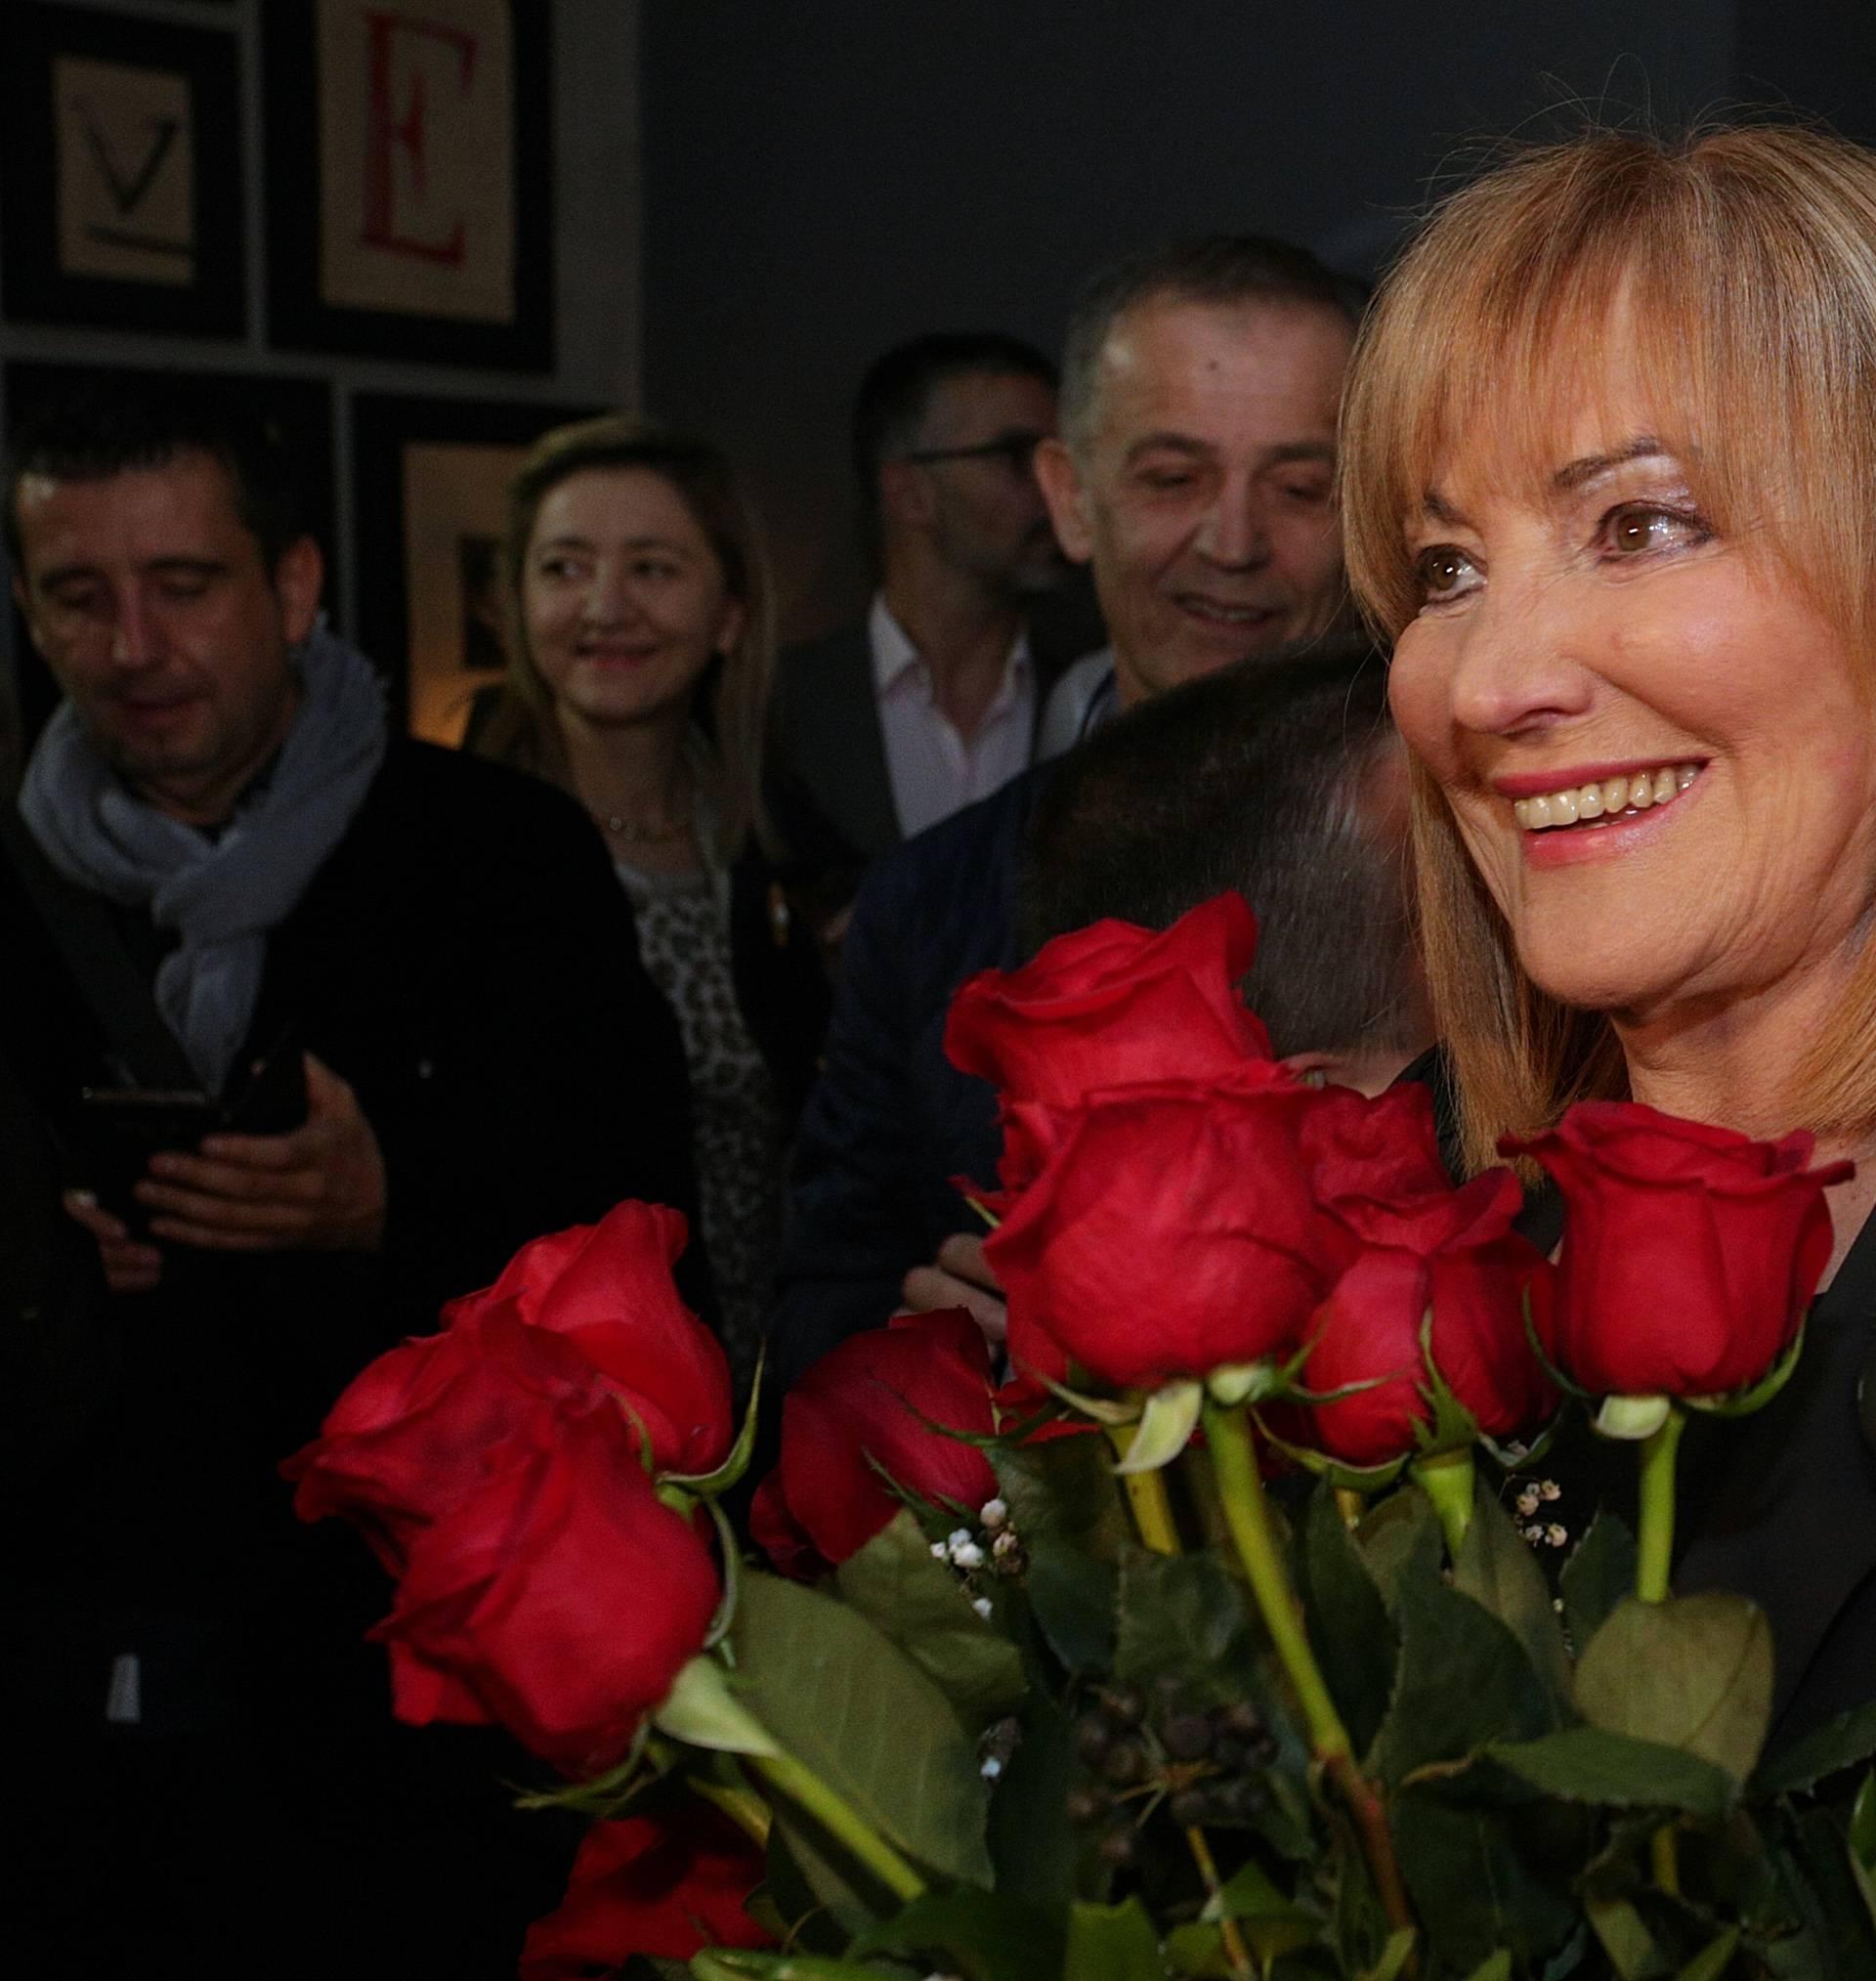 Nagrada Music Puba od sada će se zvati 'Tereza Kesovija'